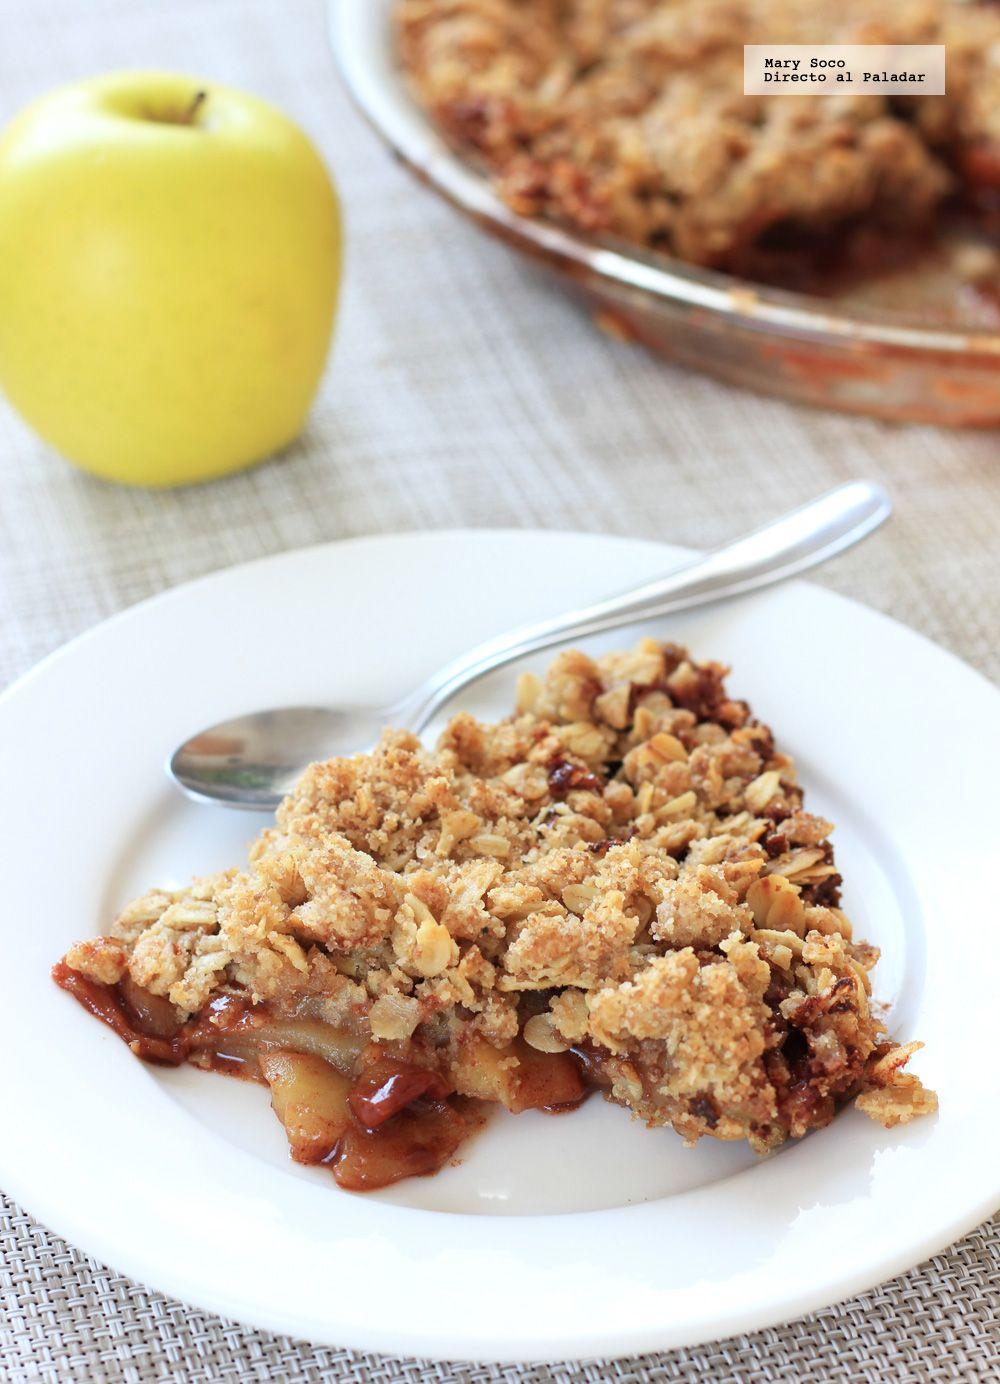 Receta de crumble de manzana. Con fotografías paso a paso, consejos y sugerencias de degustación. Recetas de postres...